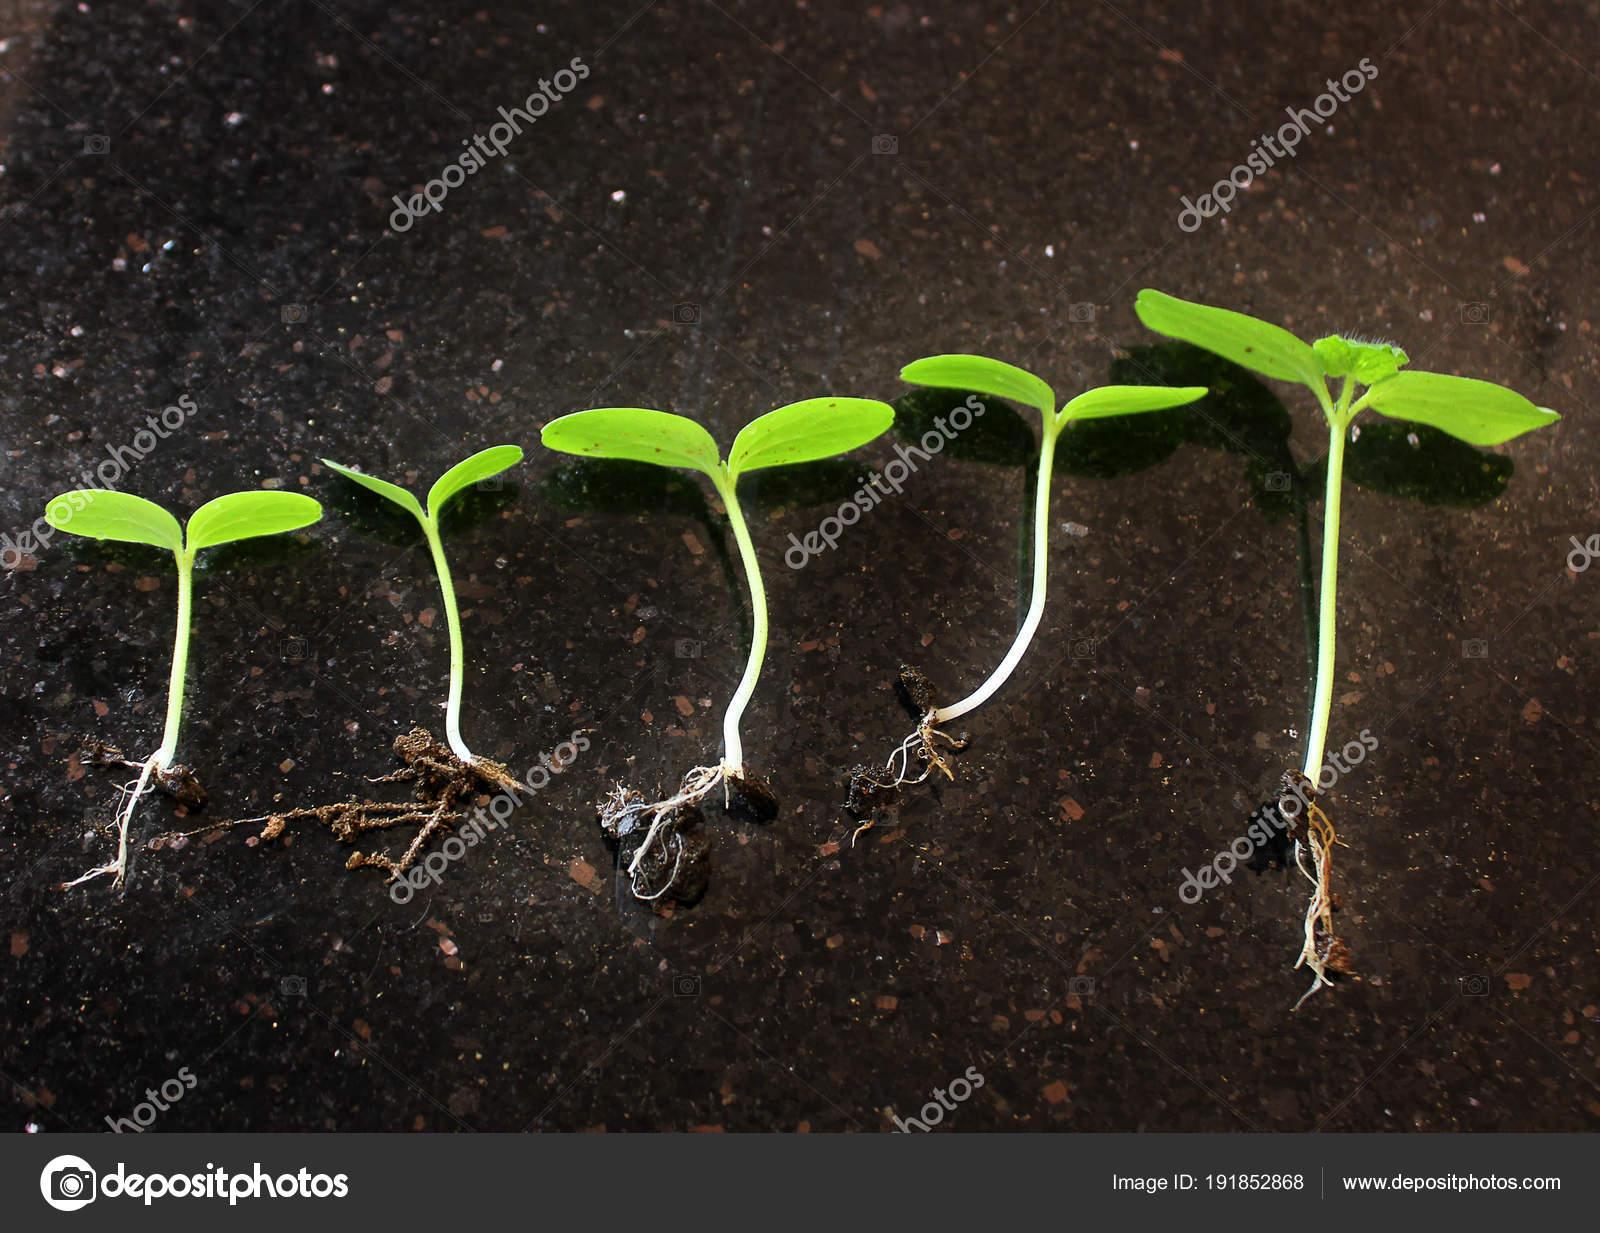 seedlings growing plants grow stages seedlings growth periods